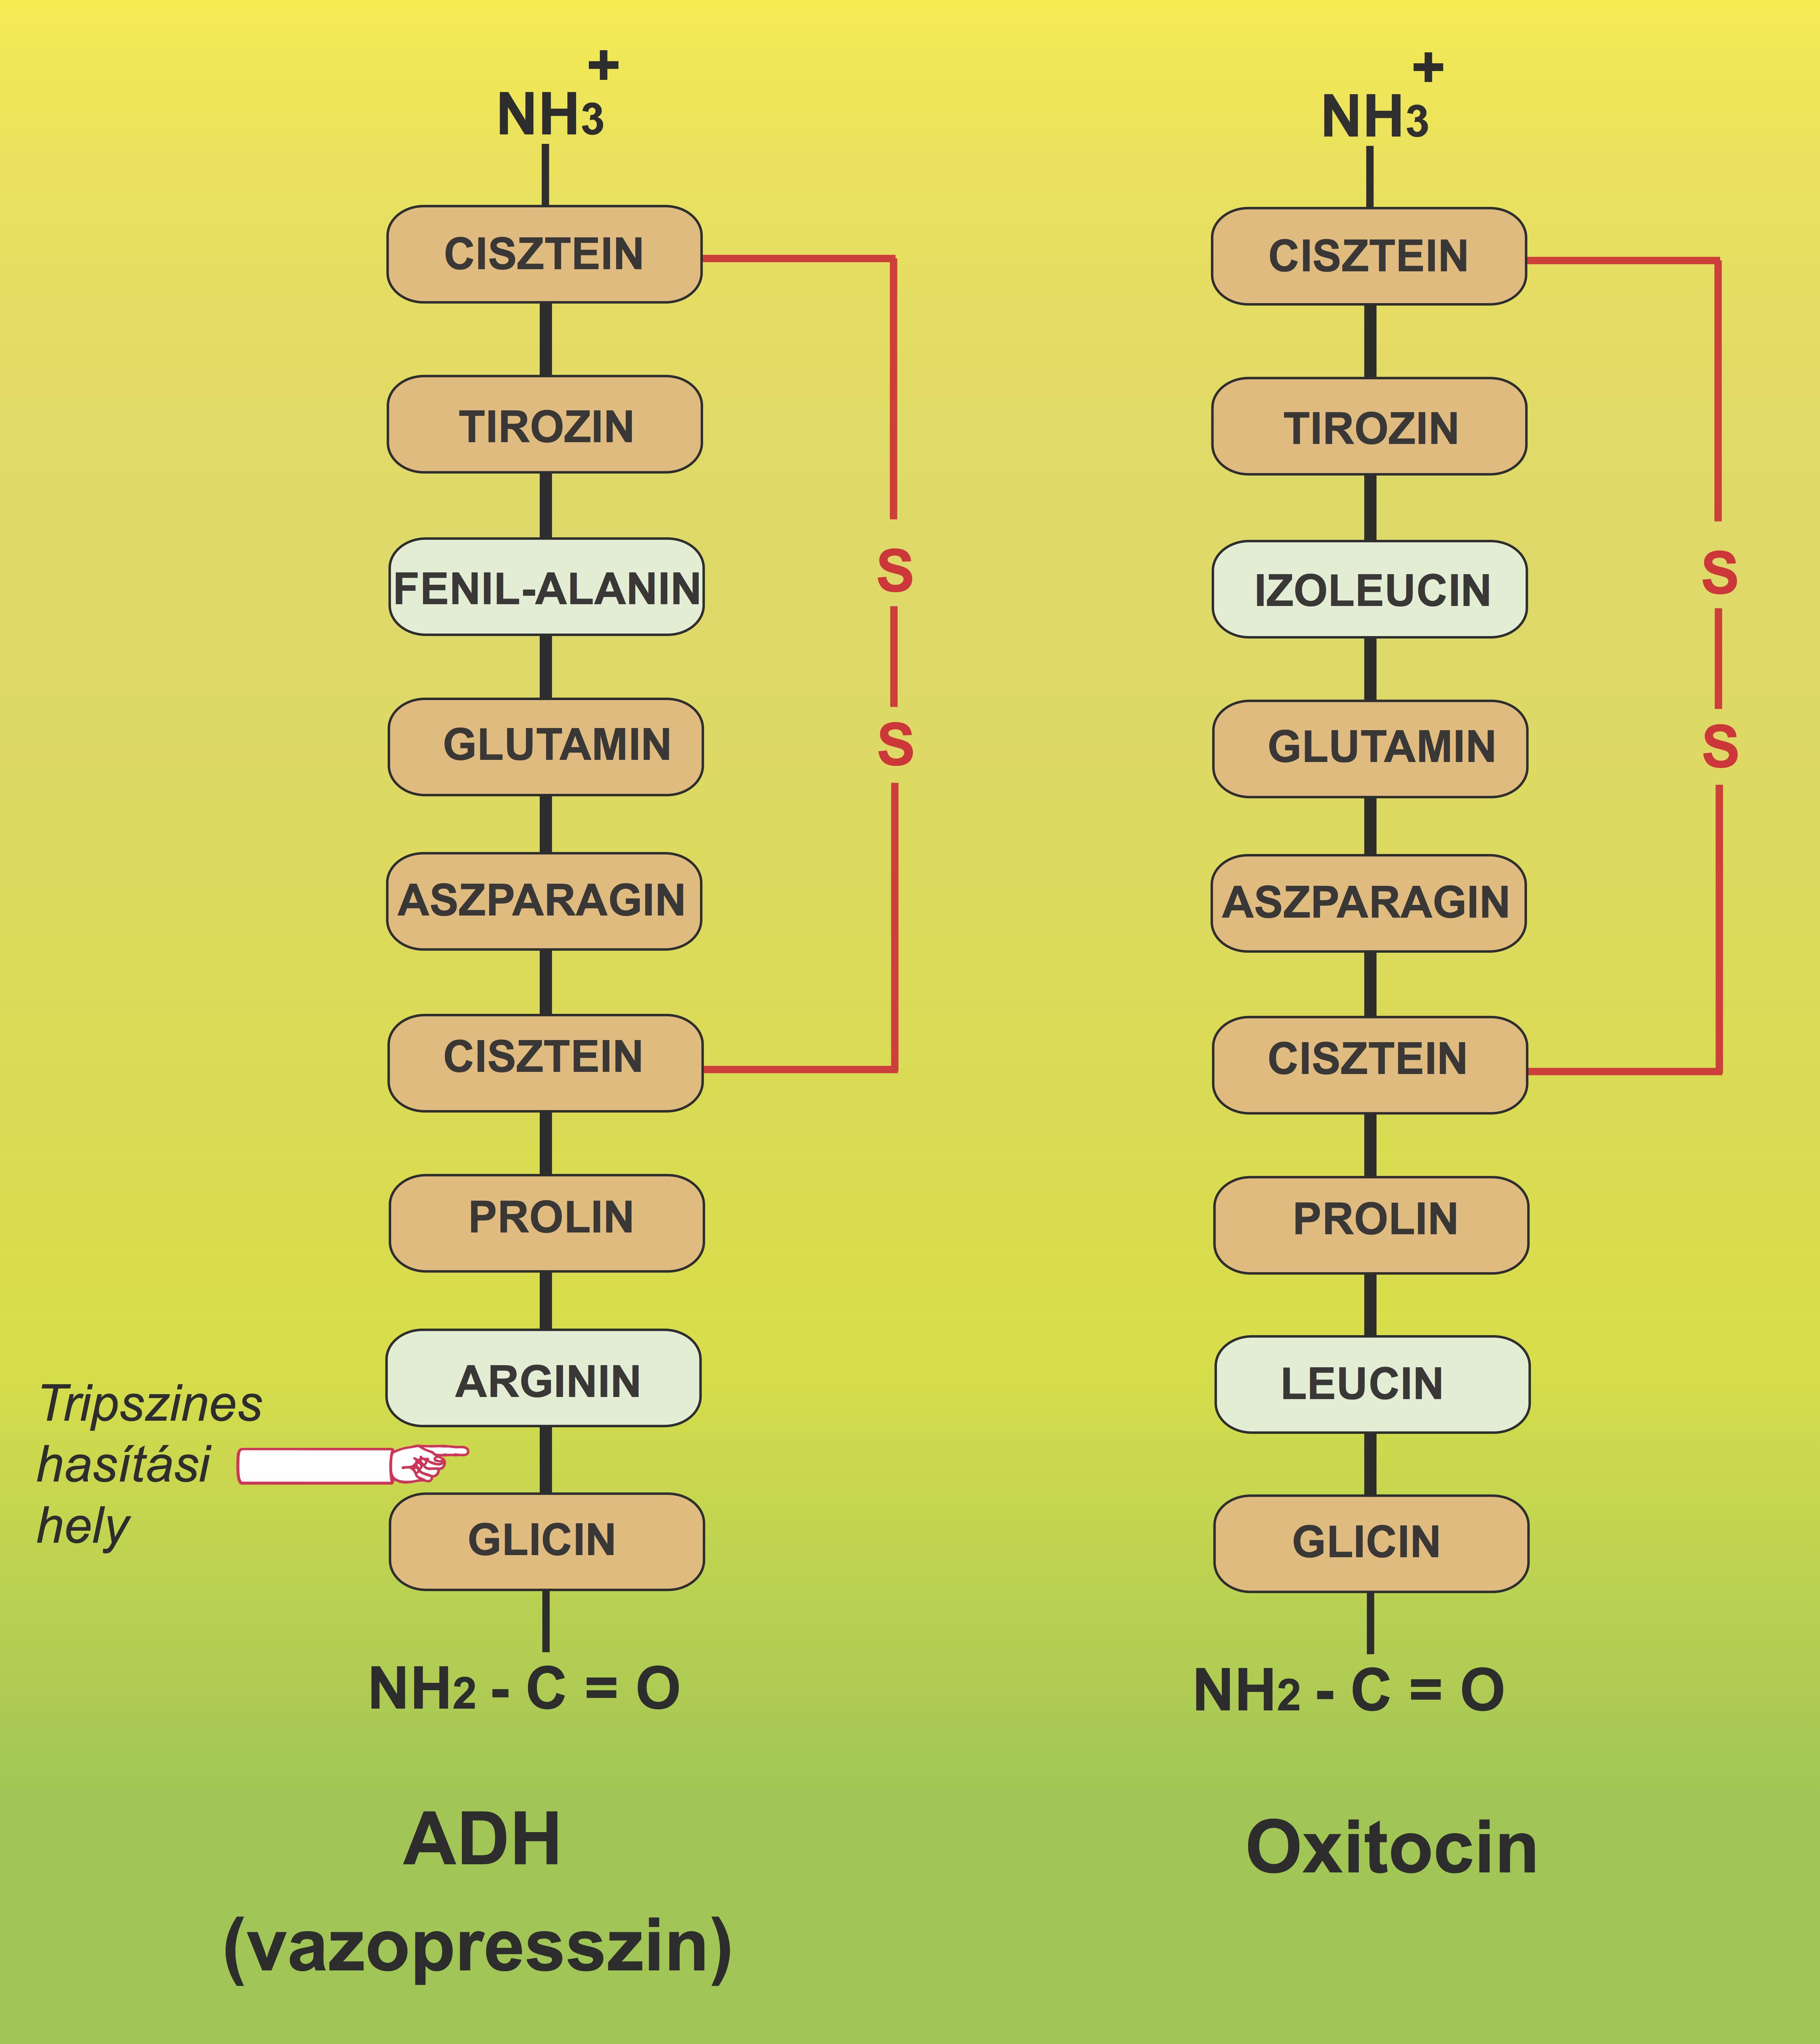 glicin és erekció)